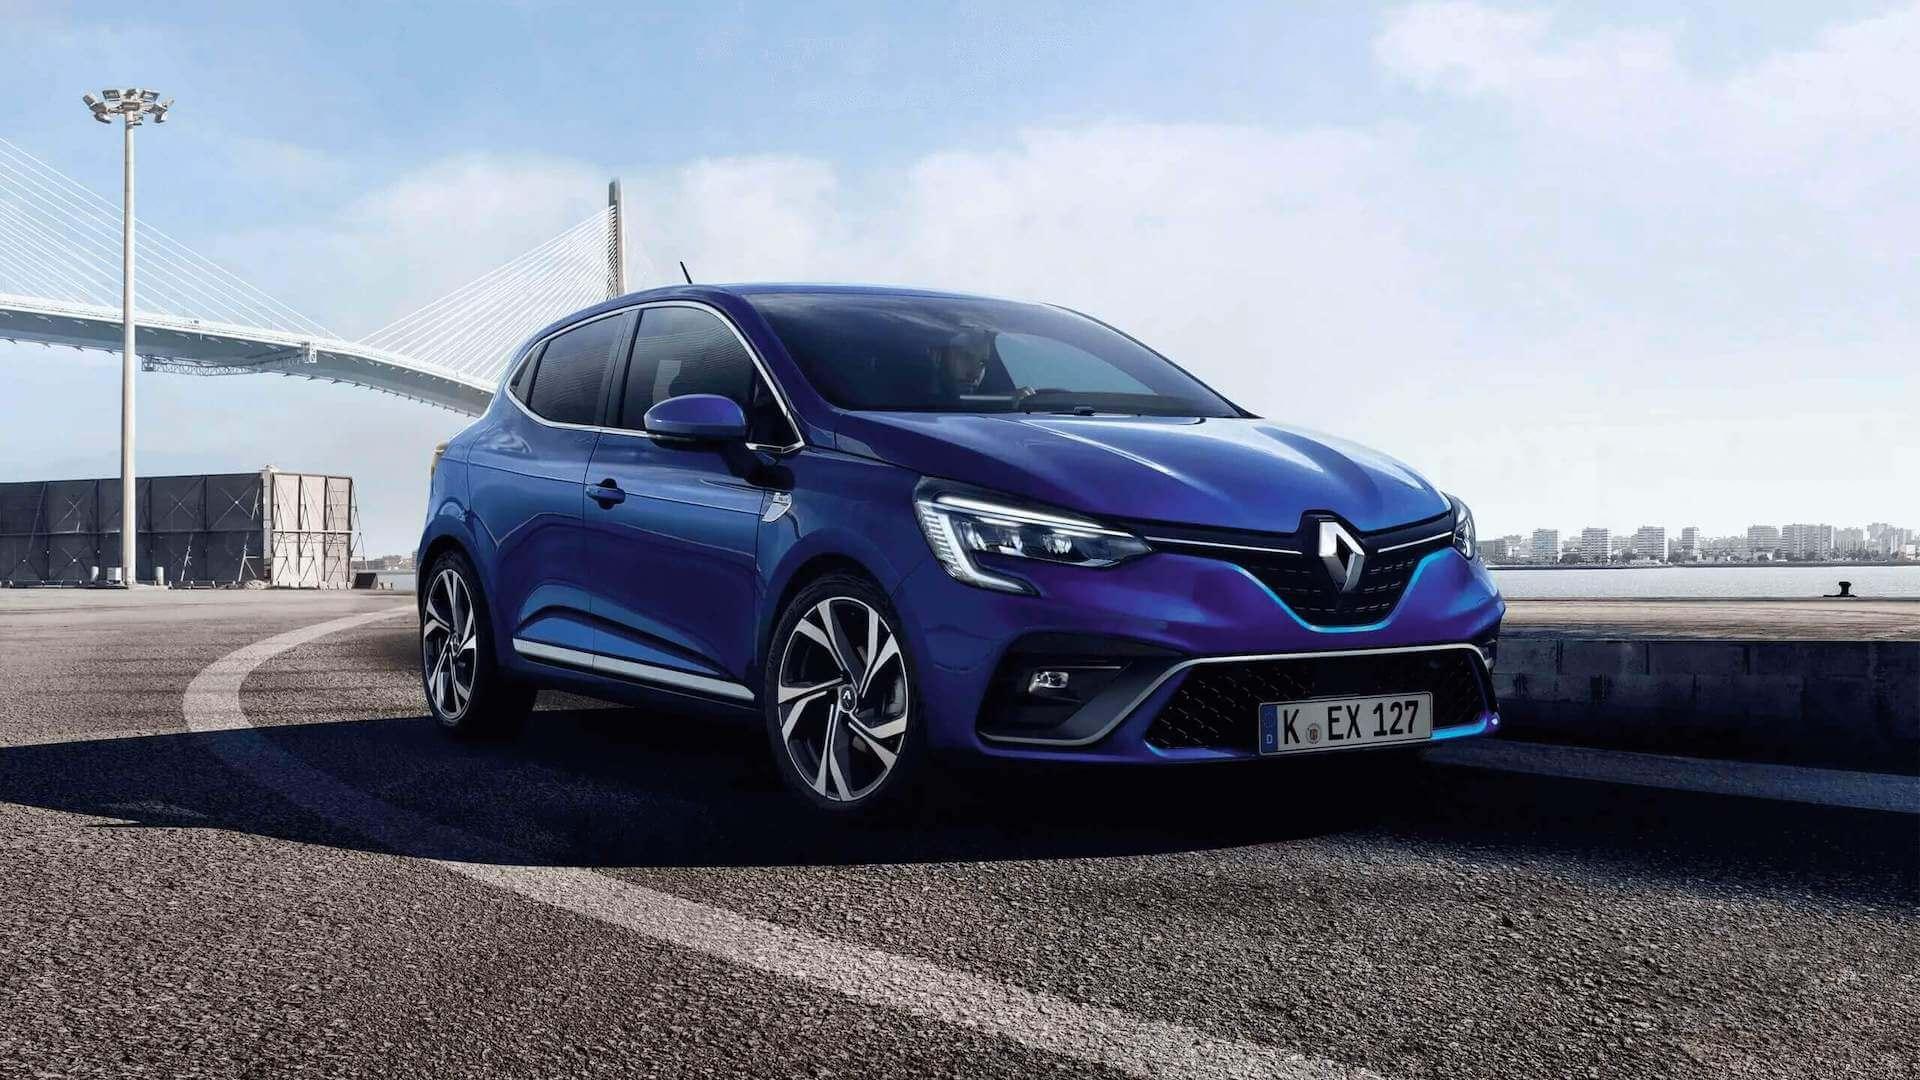 Außenansicht Seite von einem Blauen Auto - es fährt auf einer Straße, im Hintergrund eine Brücke - Renault Clio - Renault Ahrens Hannover